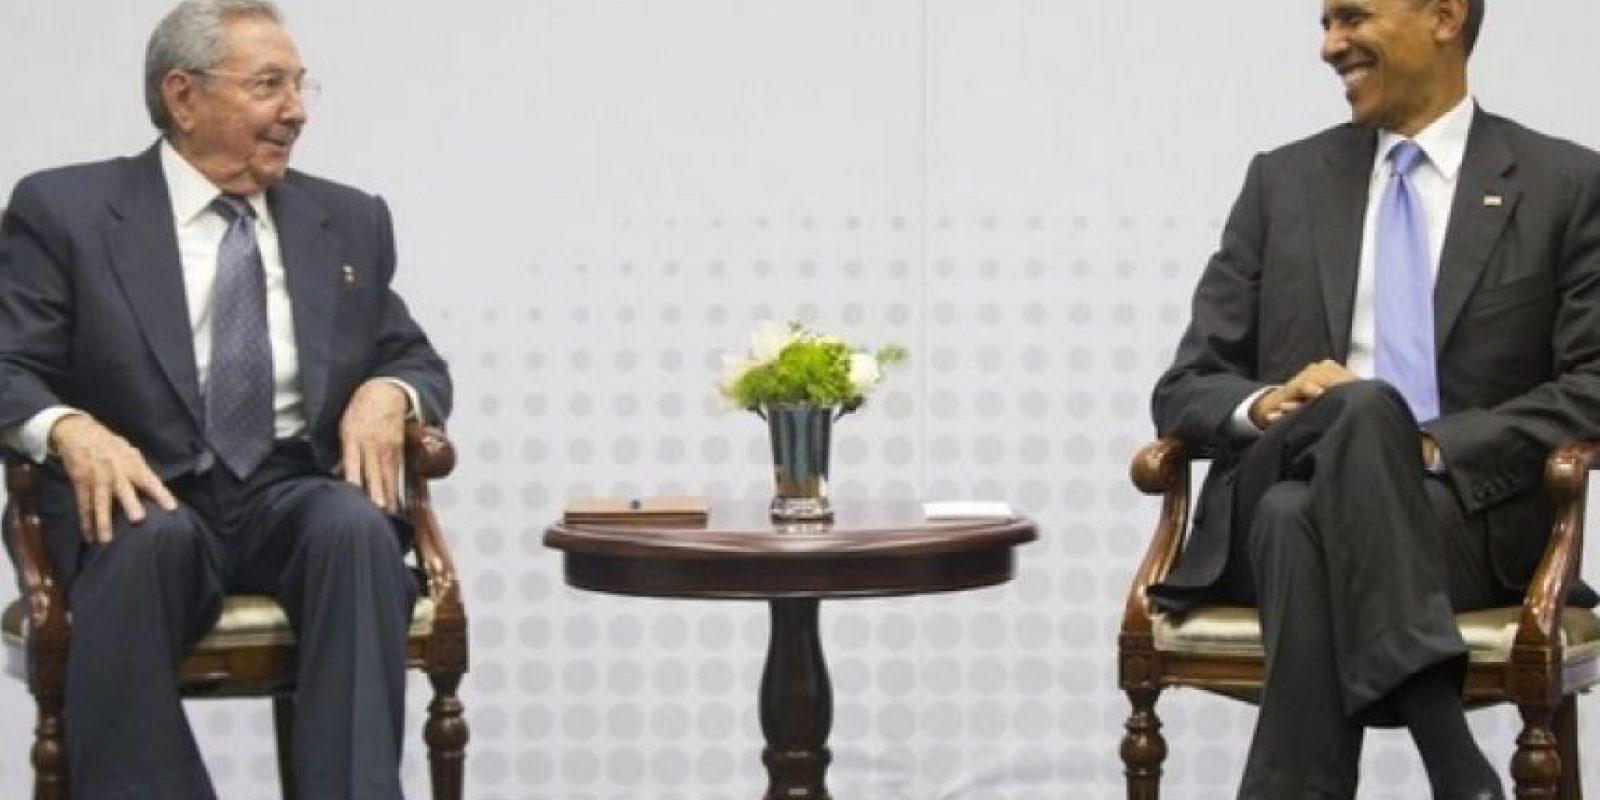 La VII edición de la Cumbre de las Américas fue el escenario donde se reunieron por primera vez en más de 50 años ambos presidentes Foto:AP